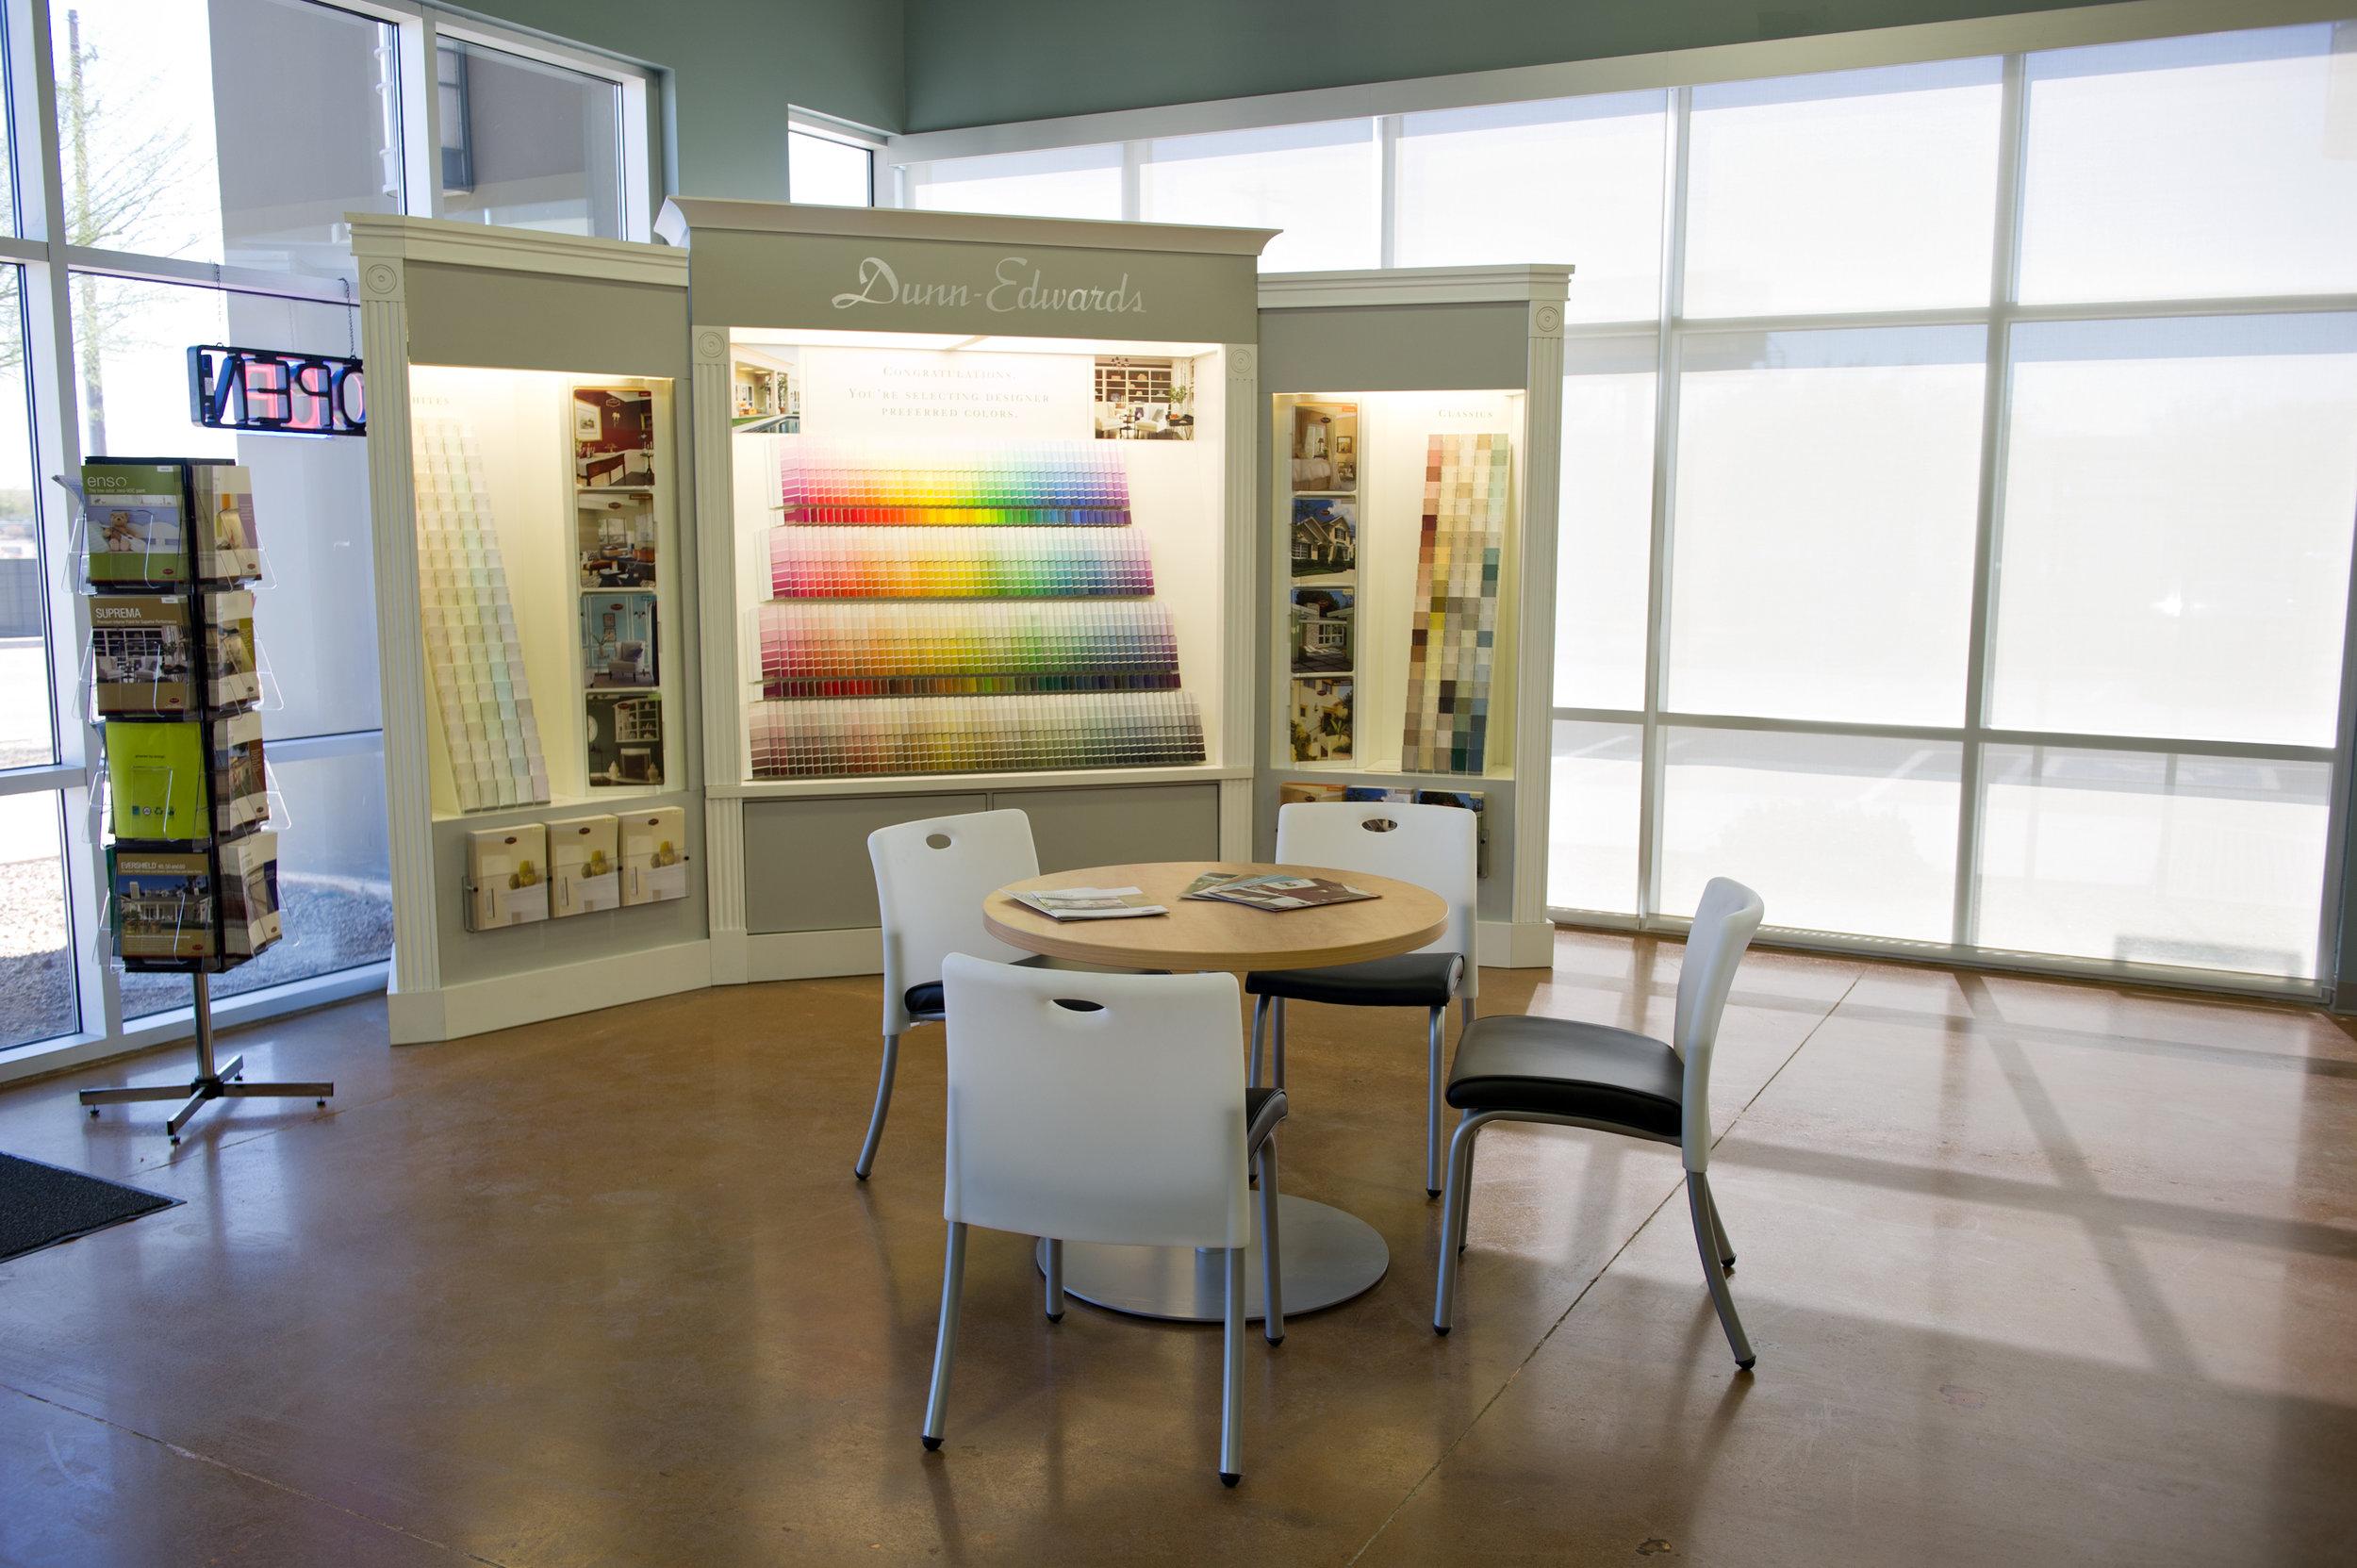 Dunn-Edwards_FactoryStore_3.jpg